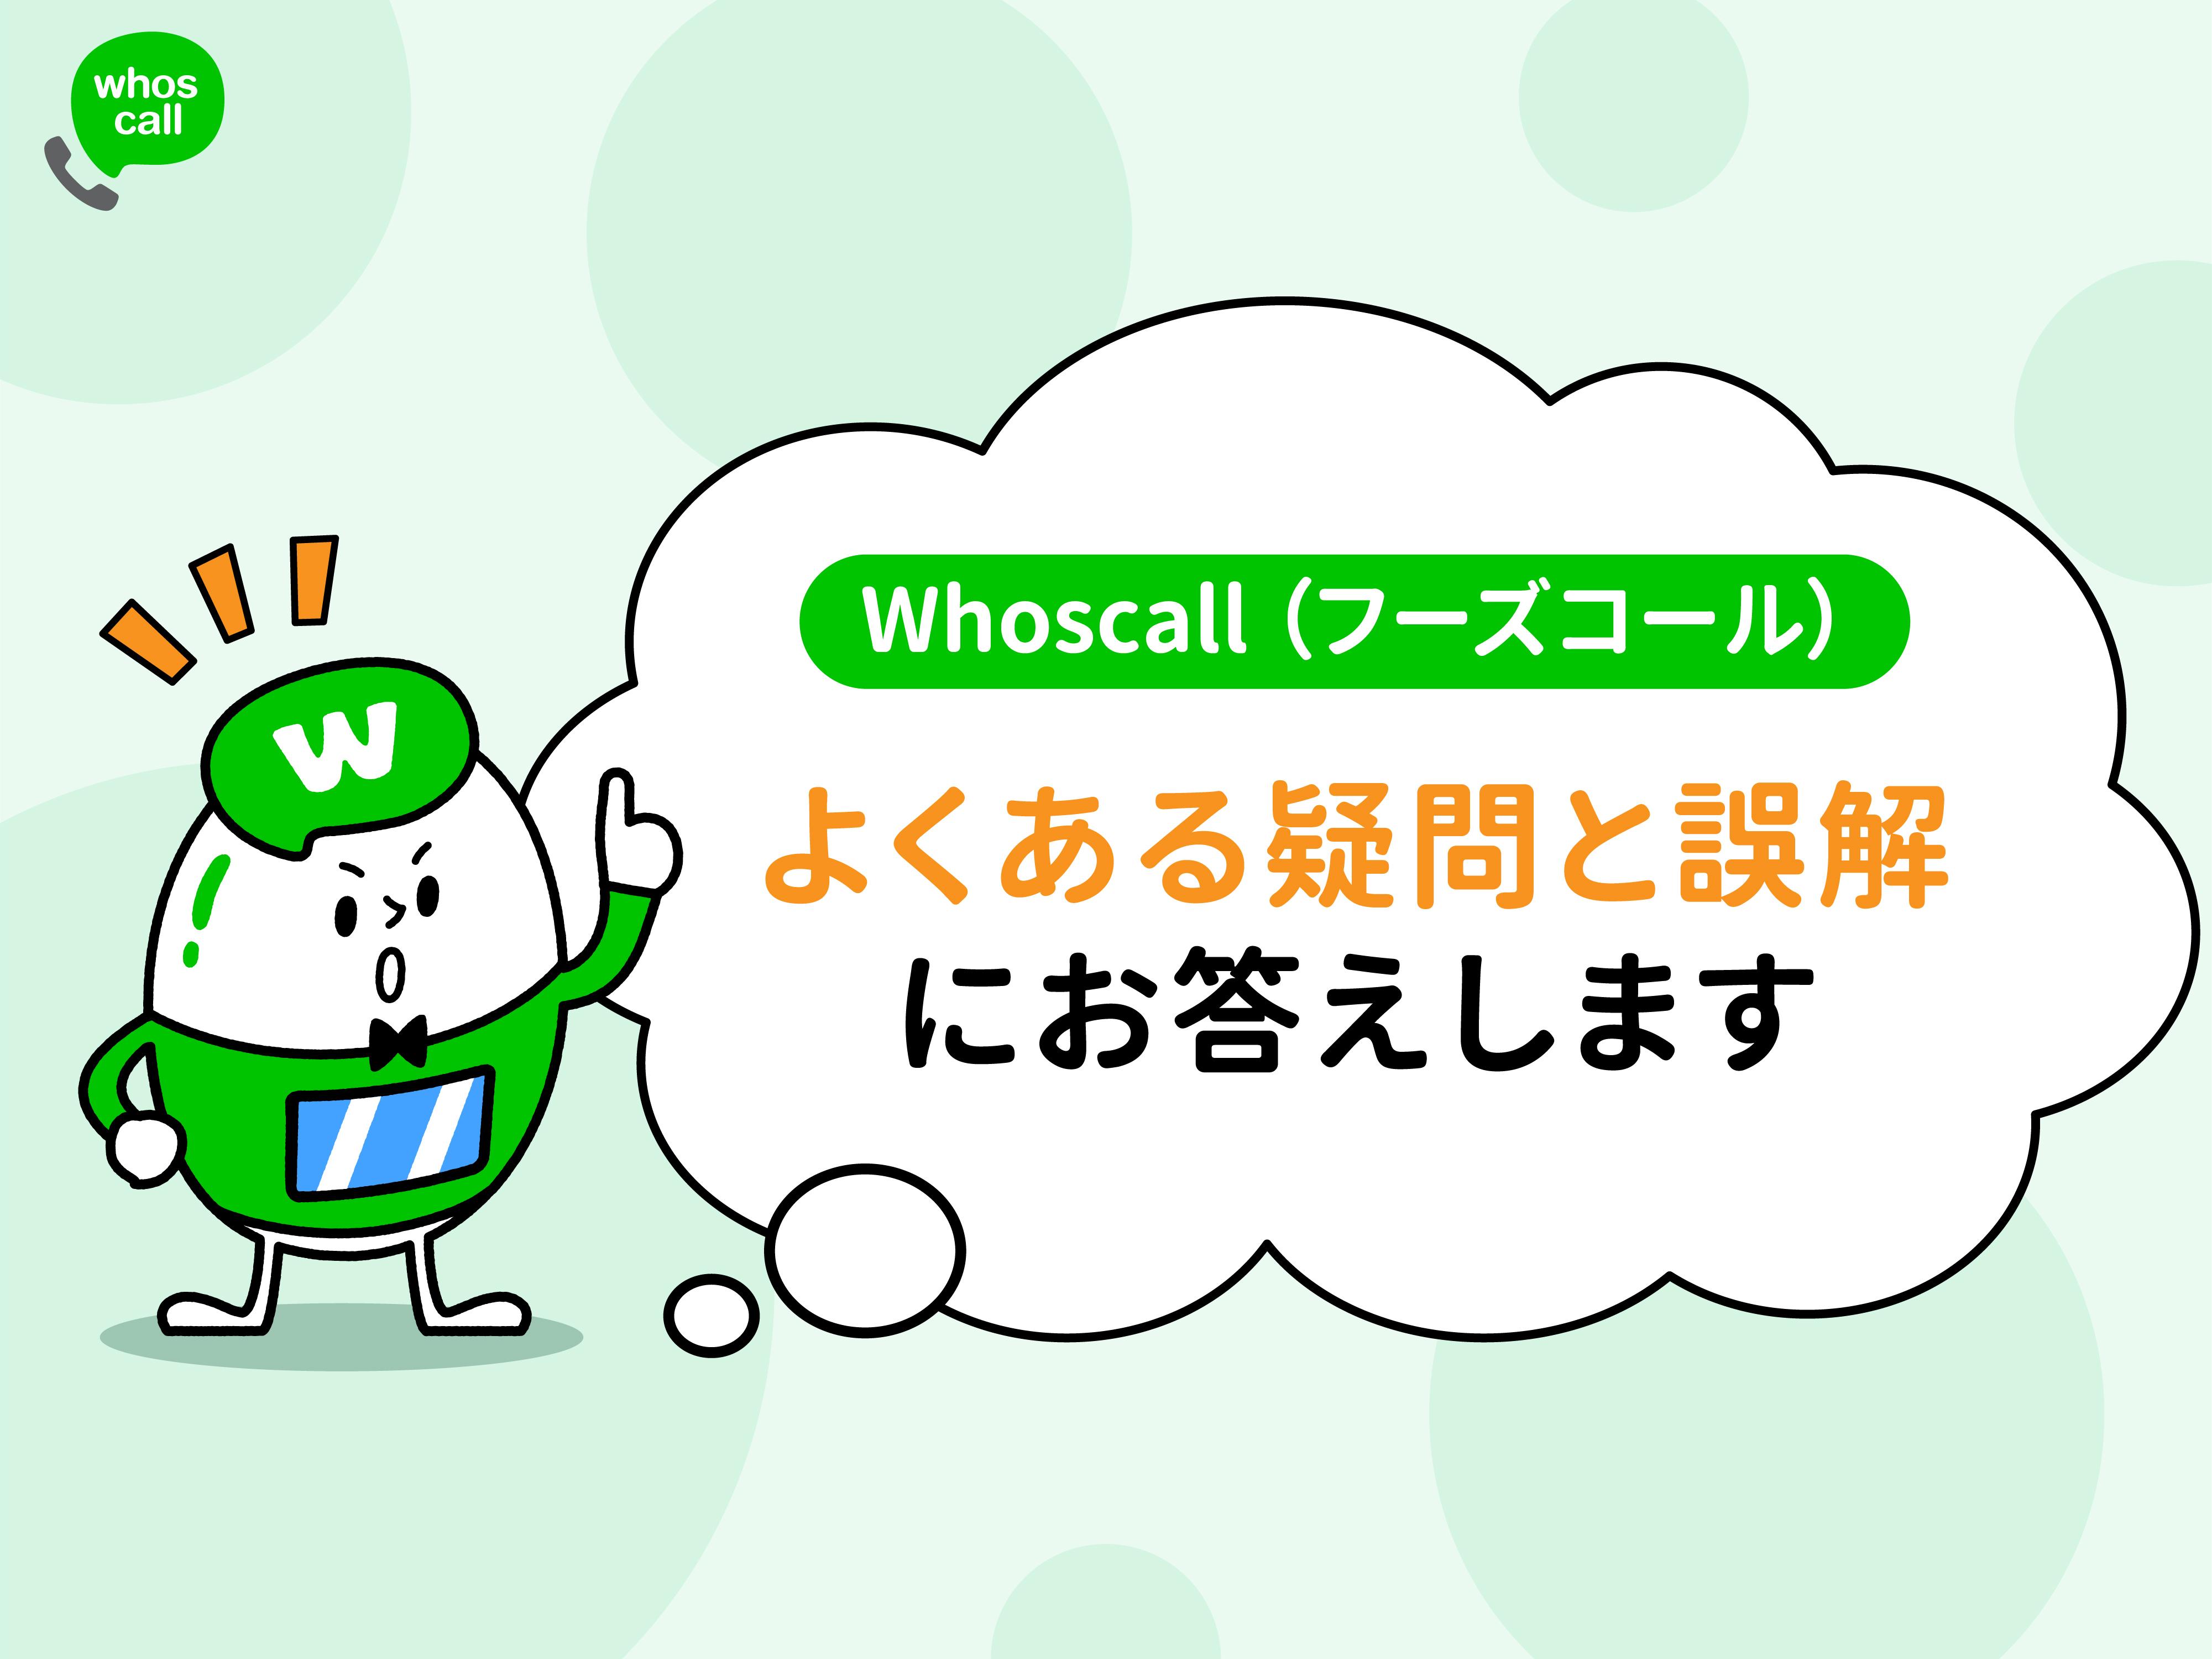 Whoscall(フーズコール)よくある疑問と誤解にお答えします